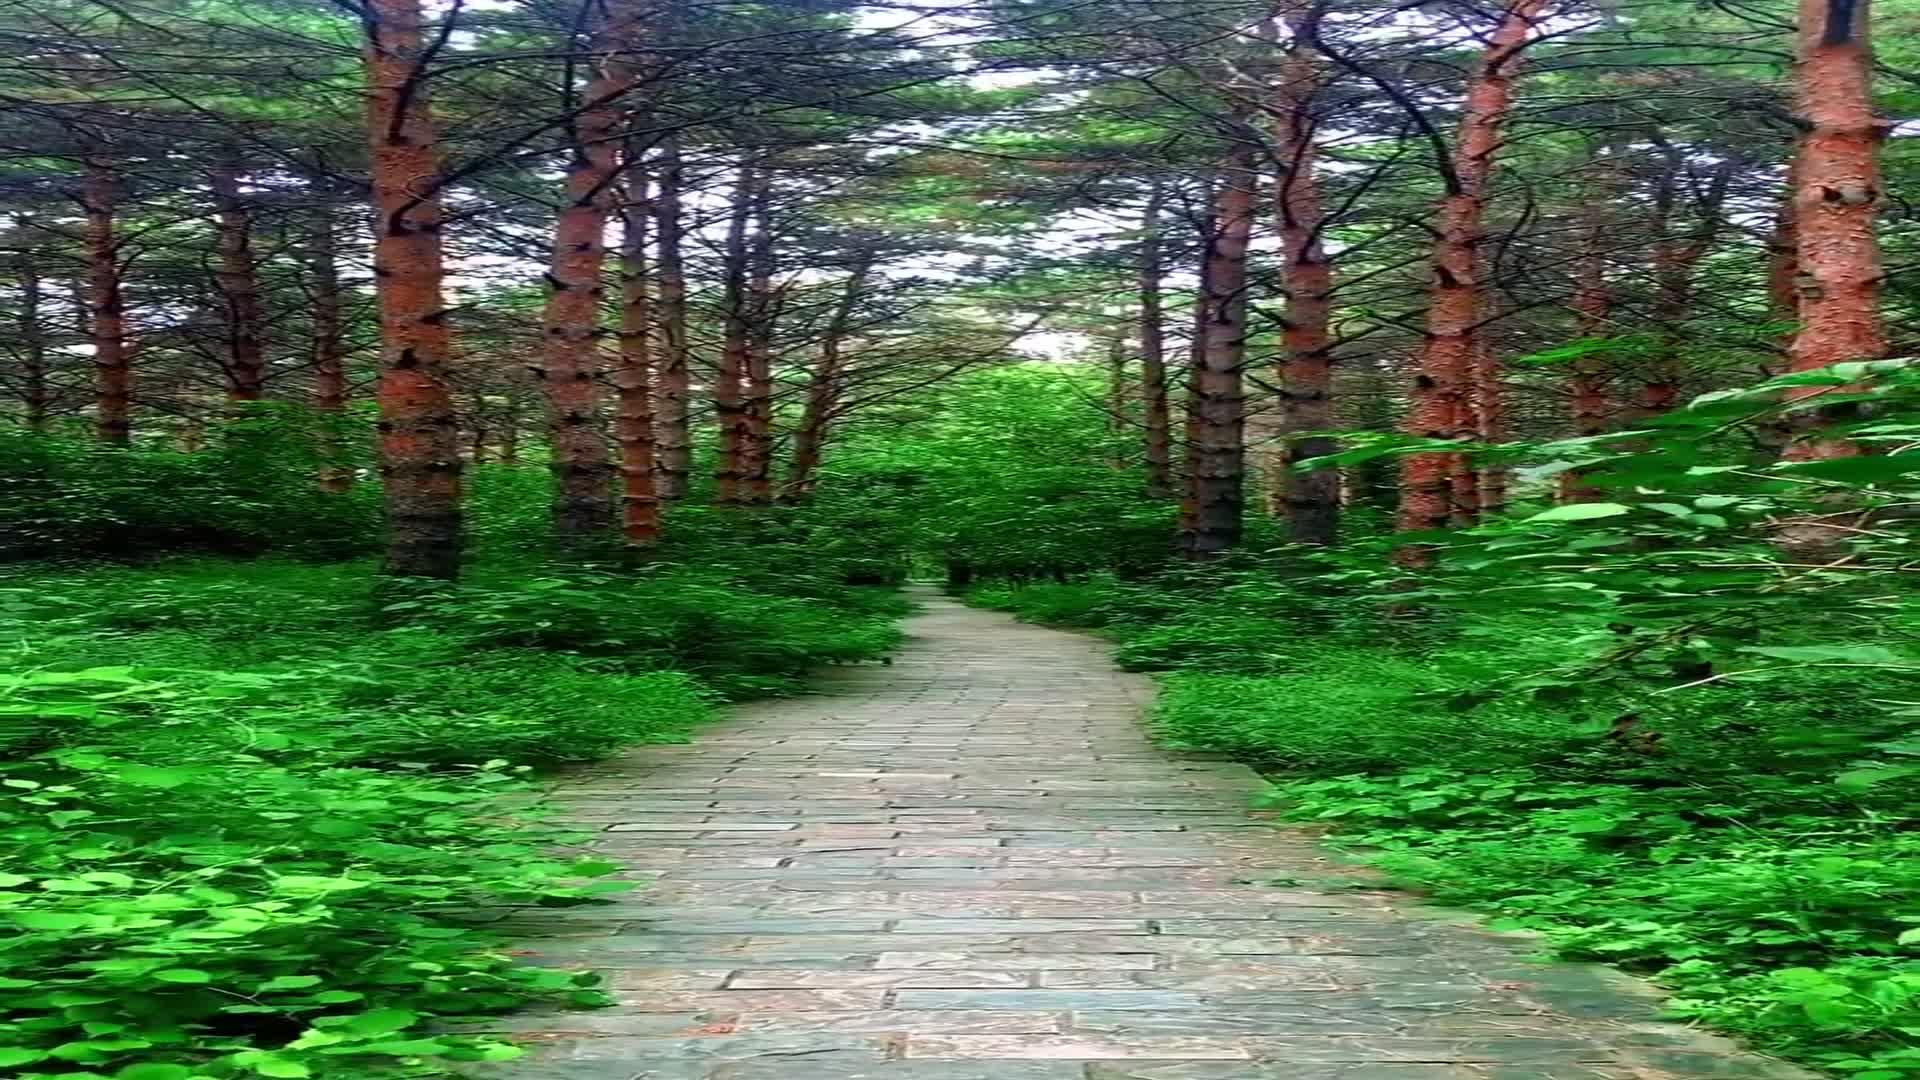 放空一下,听林间的百鸟歌唱,闻林间的花香扑鼻……